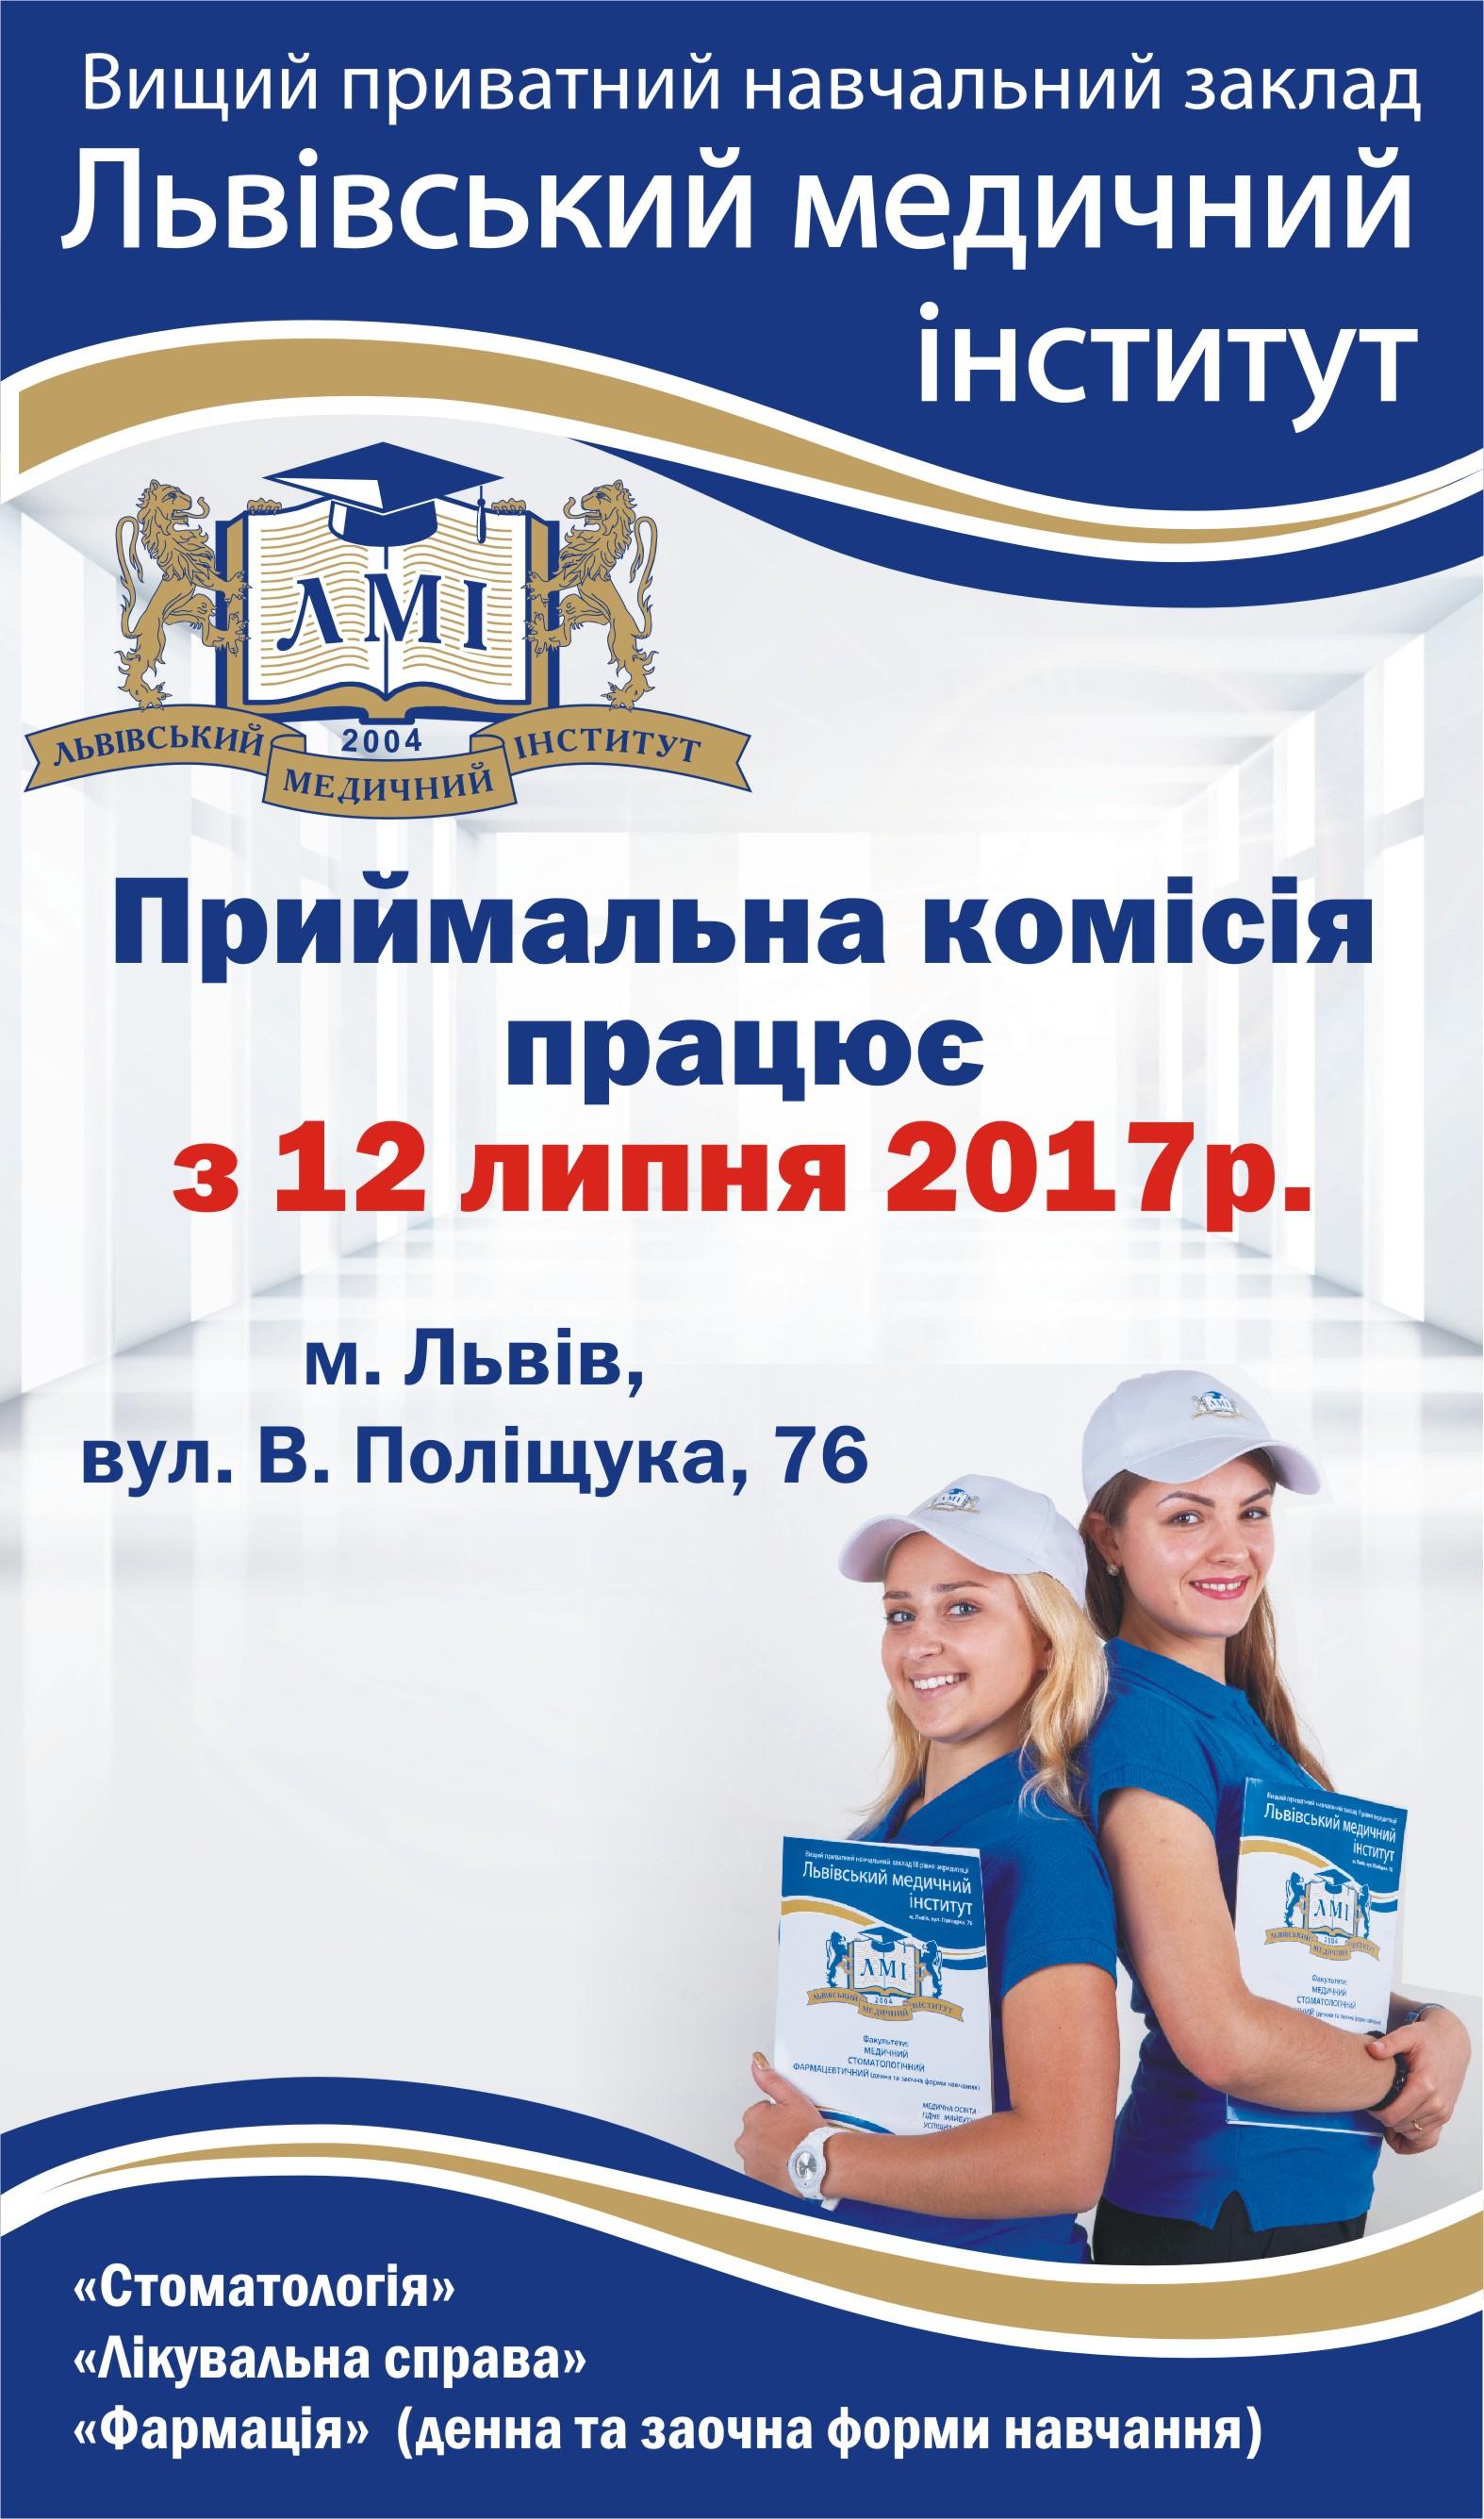 MedInstitute